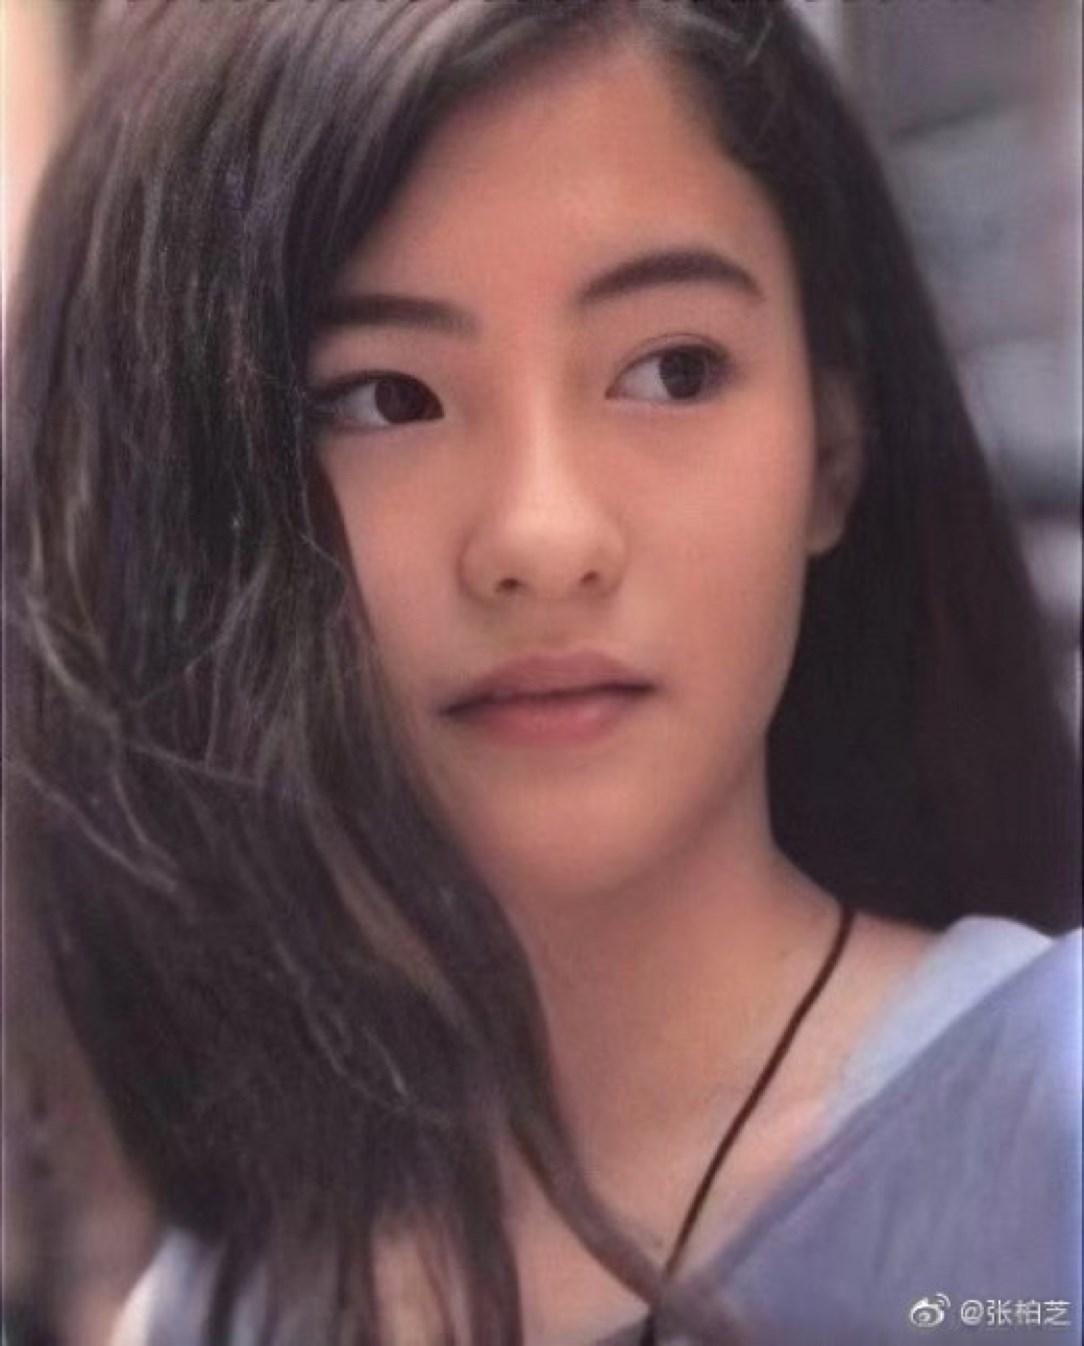 张柏芝公开12岁照片!看韩网友如何吹彩虹屁?